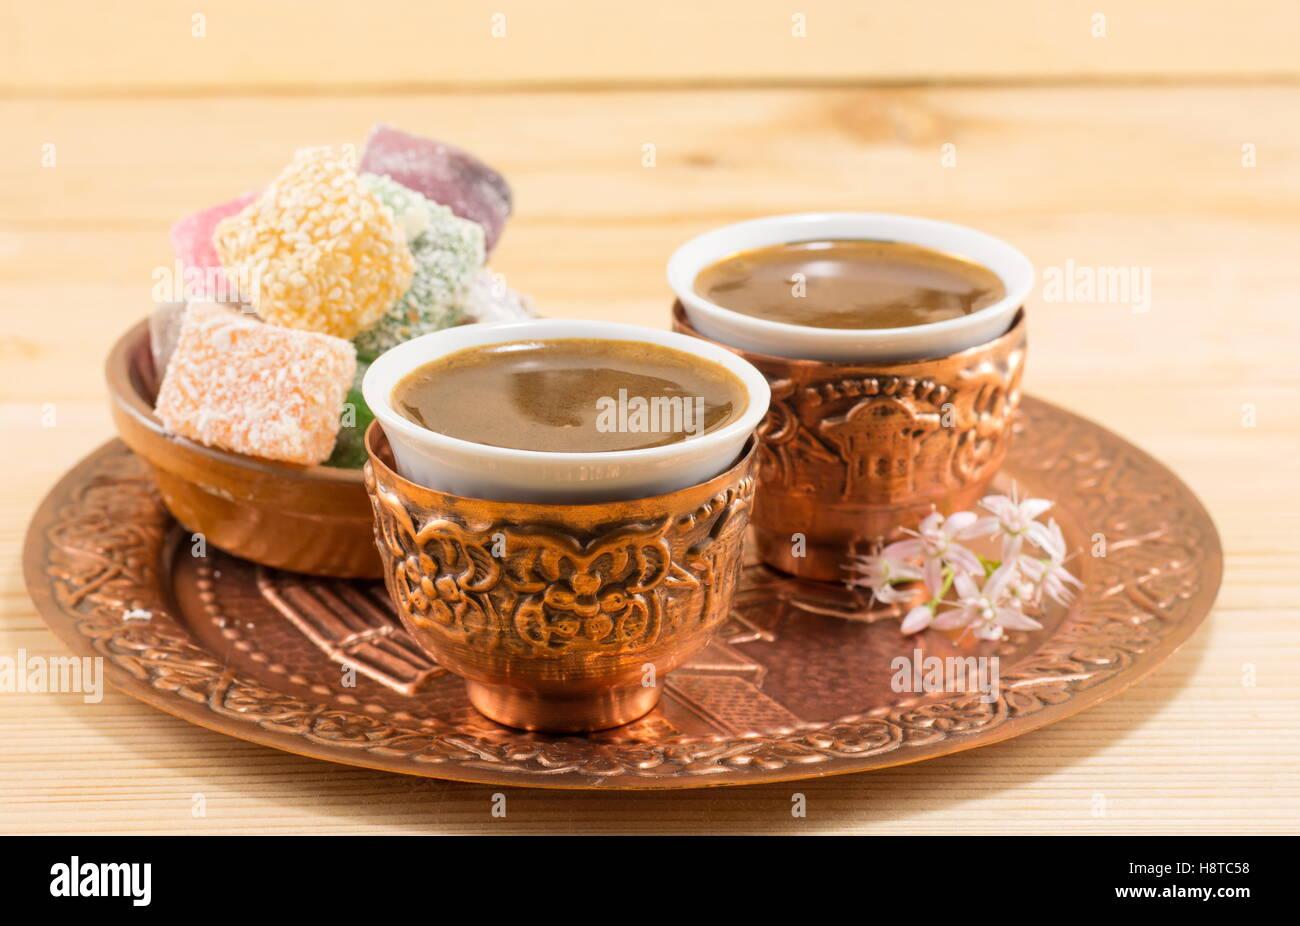 Kaffee und Turkish Delight in Kupfer Küchenutensilien Stockfoto ...